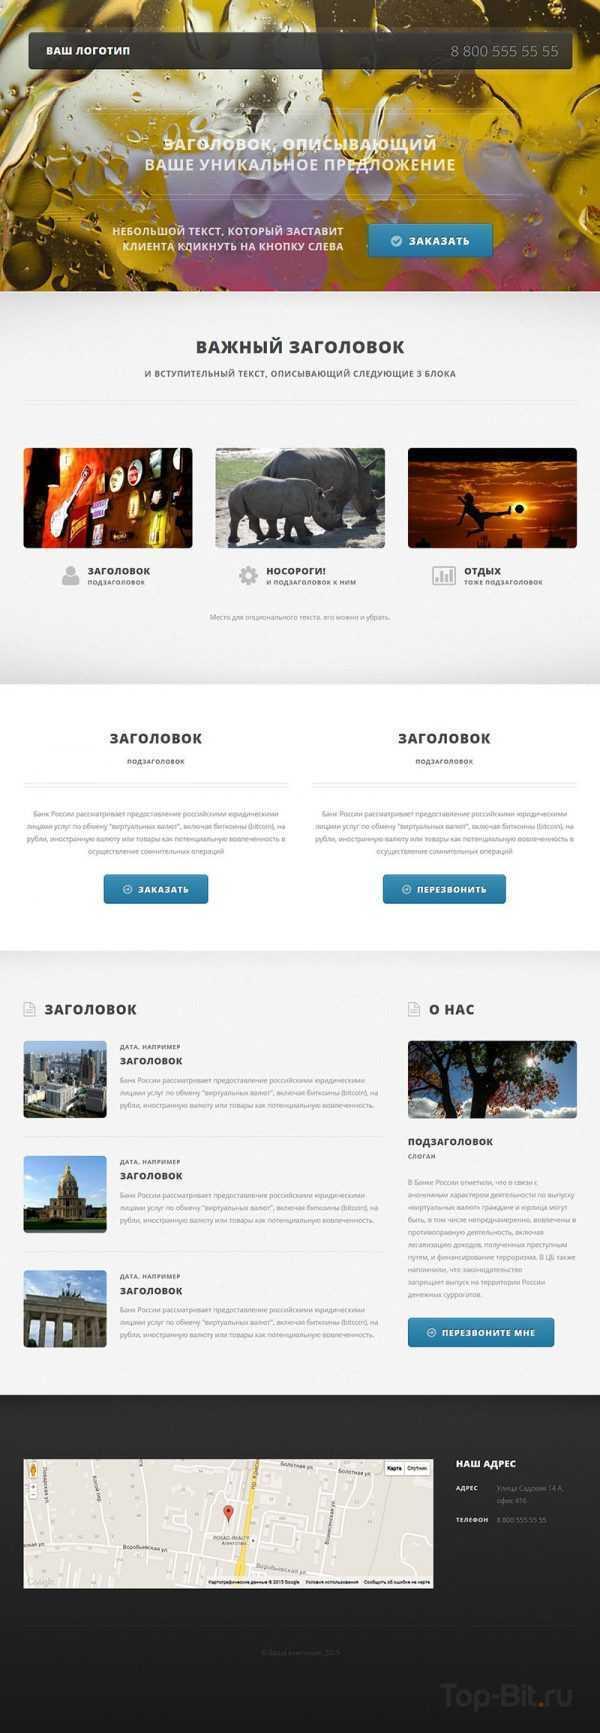 купить Landing Page по продаже товара или услуги